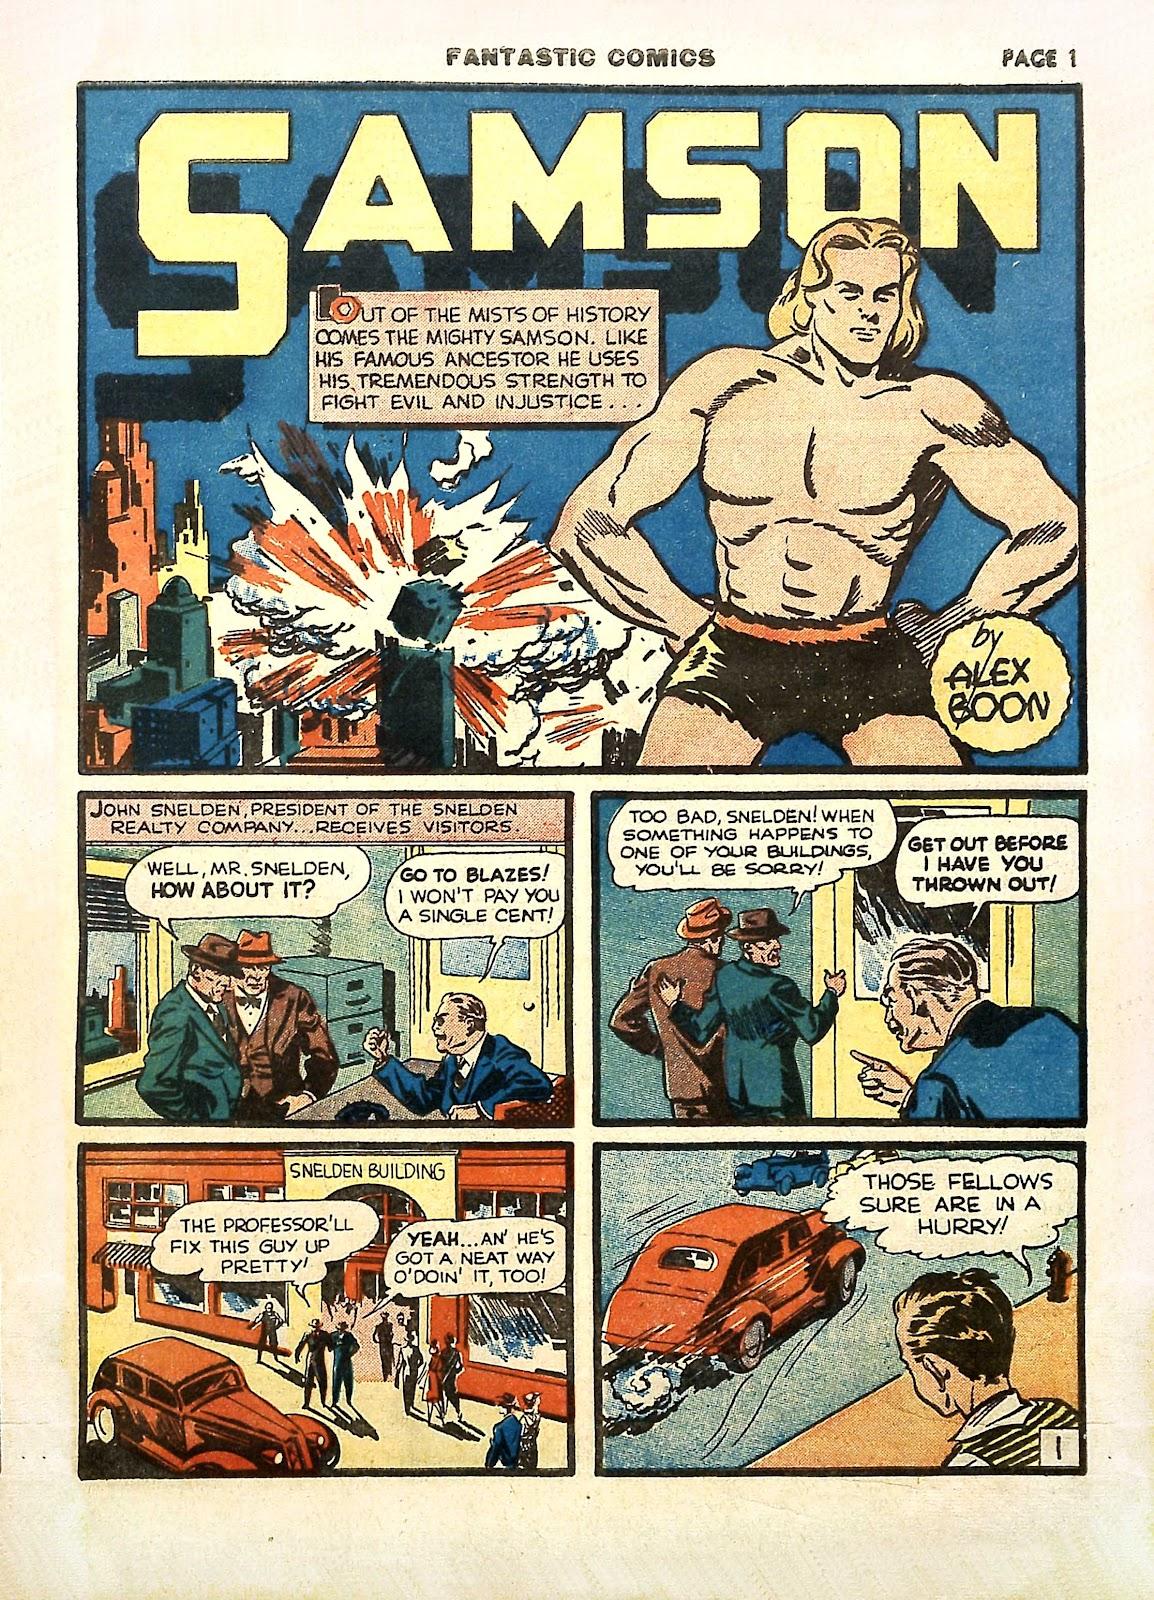 Read online Fantastic Comics comic -  Issue #11 - 4